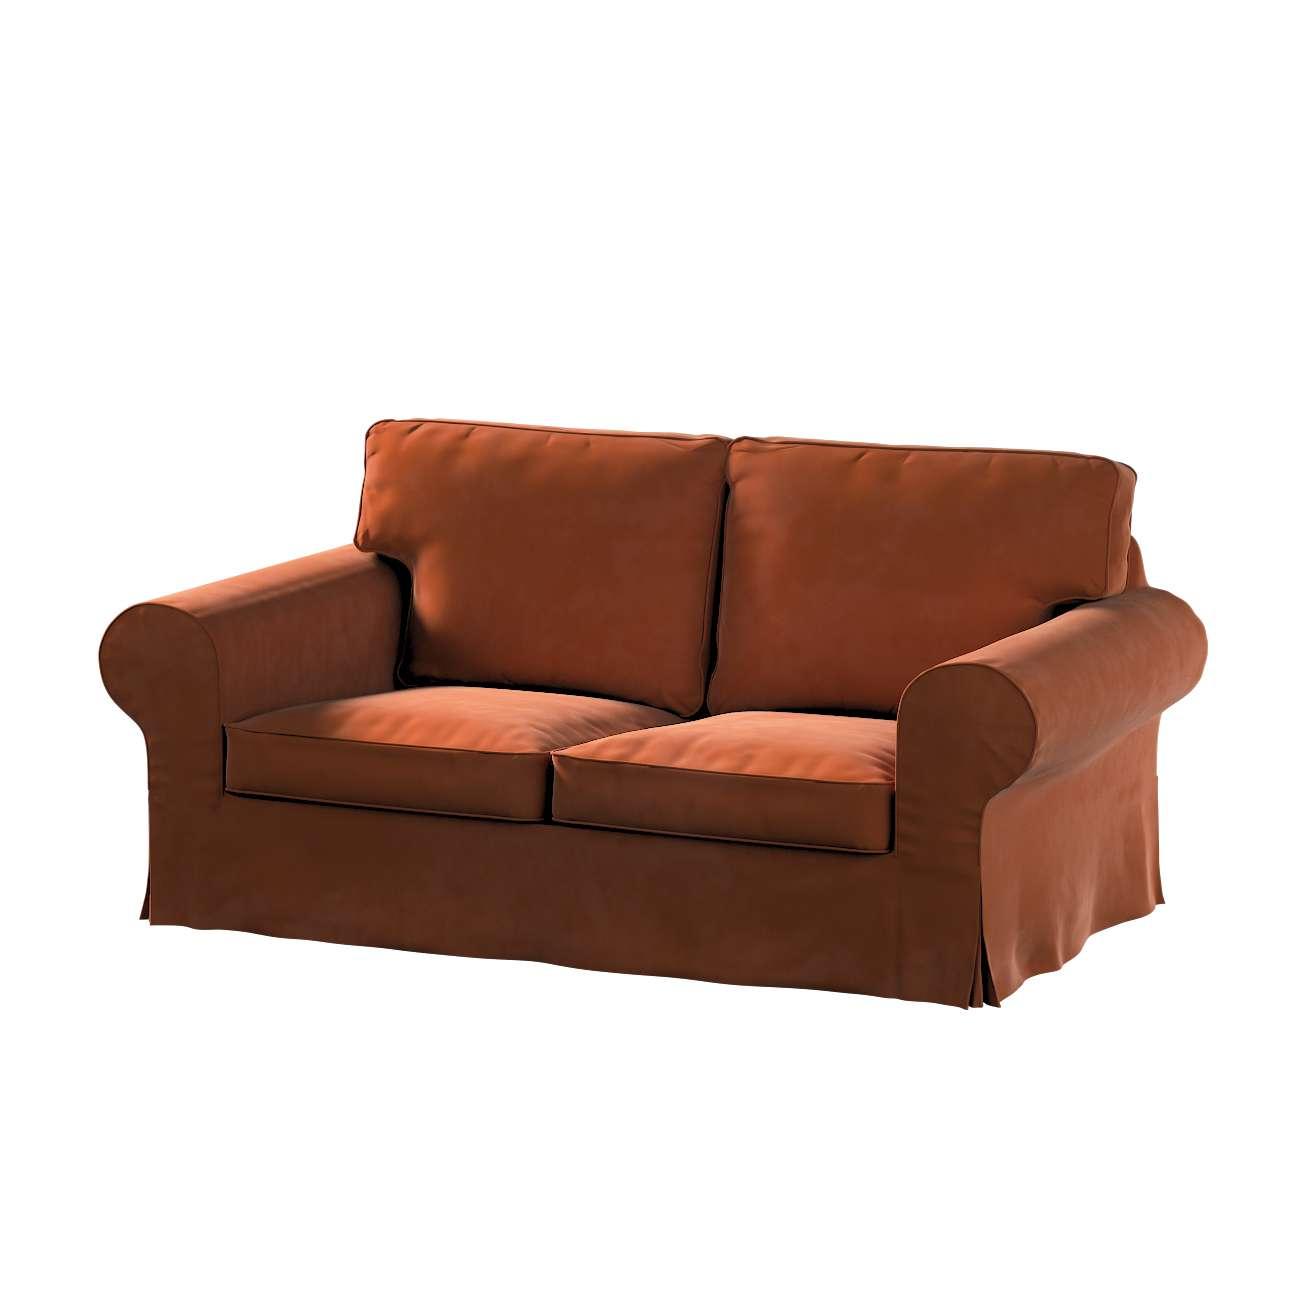 Pokrowiec na sofę Ektorp 2-osobową, nierozkładaną w kolekcji Velvet, tkanina: 704-33